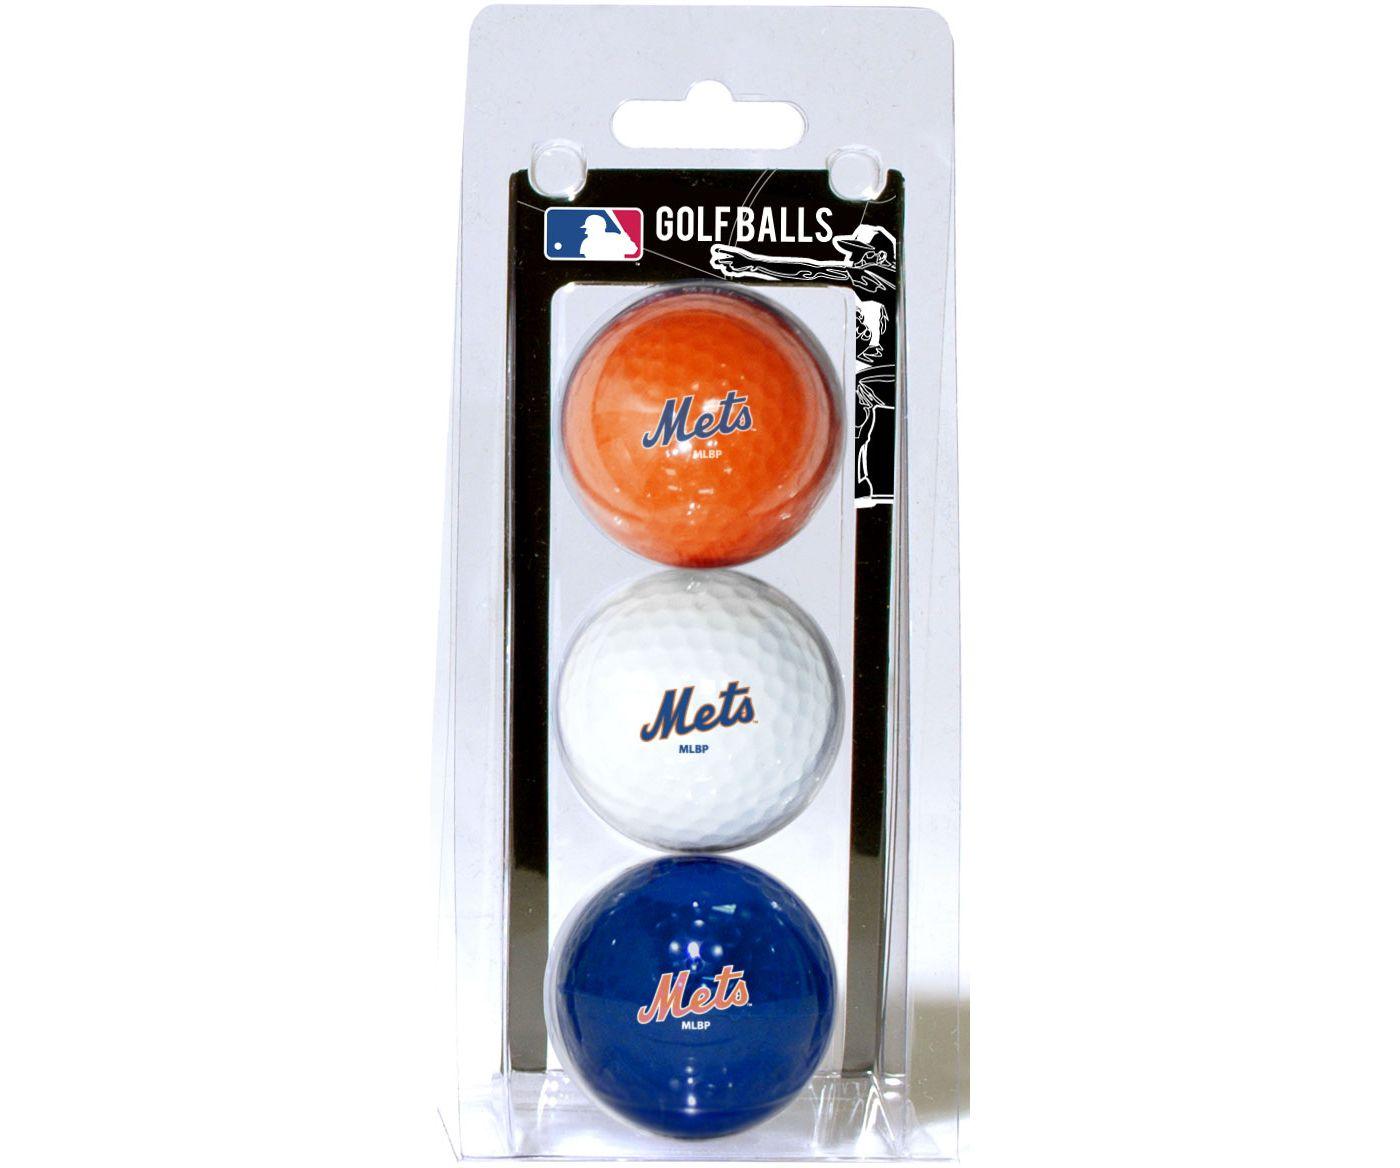 Team Golf New York Mets Golf Balls - 3 Pack